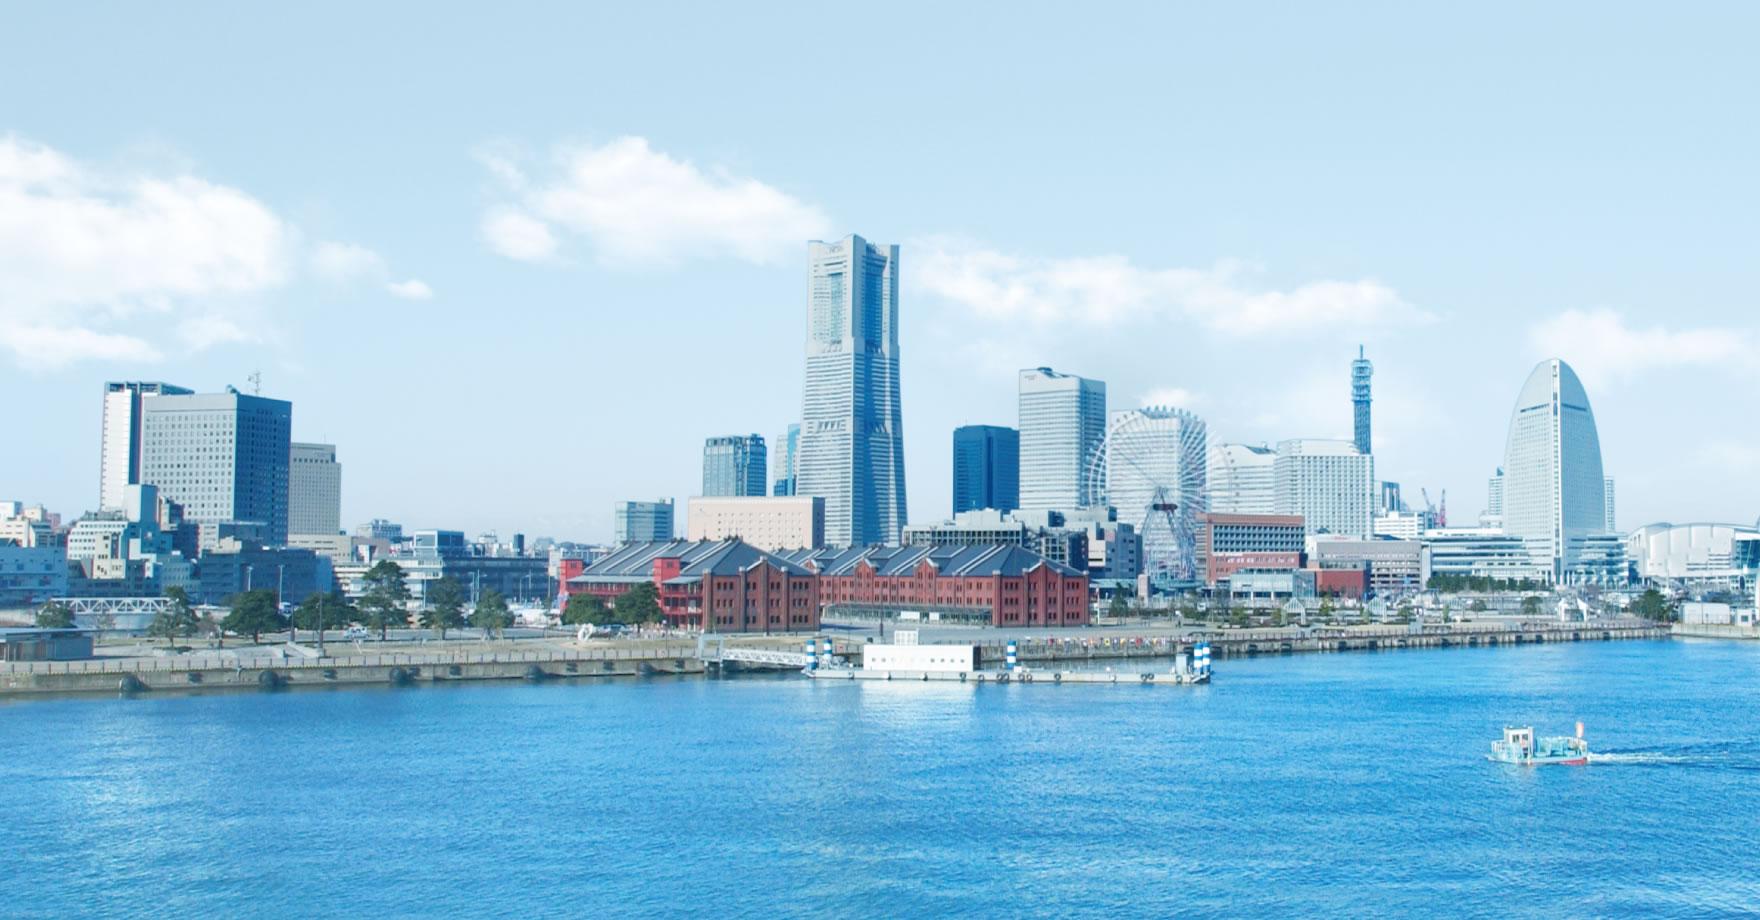 【職場・社員旅行モデルコース】チームビルディング&異国情緒溢れる横浜を巡る旅 2日間